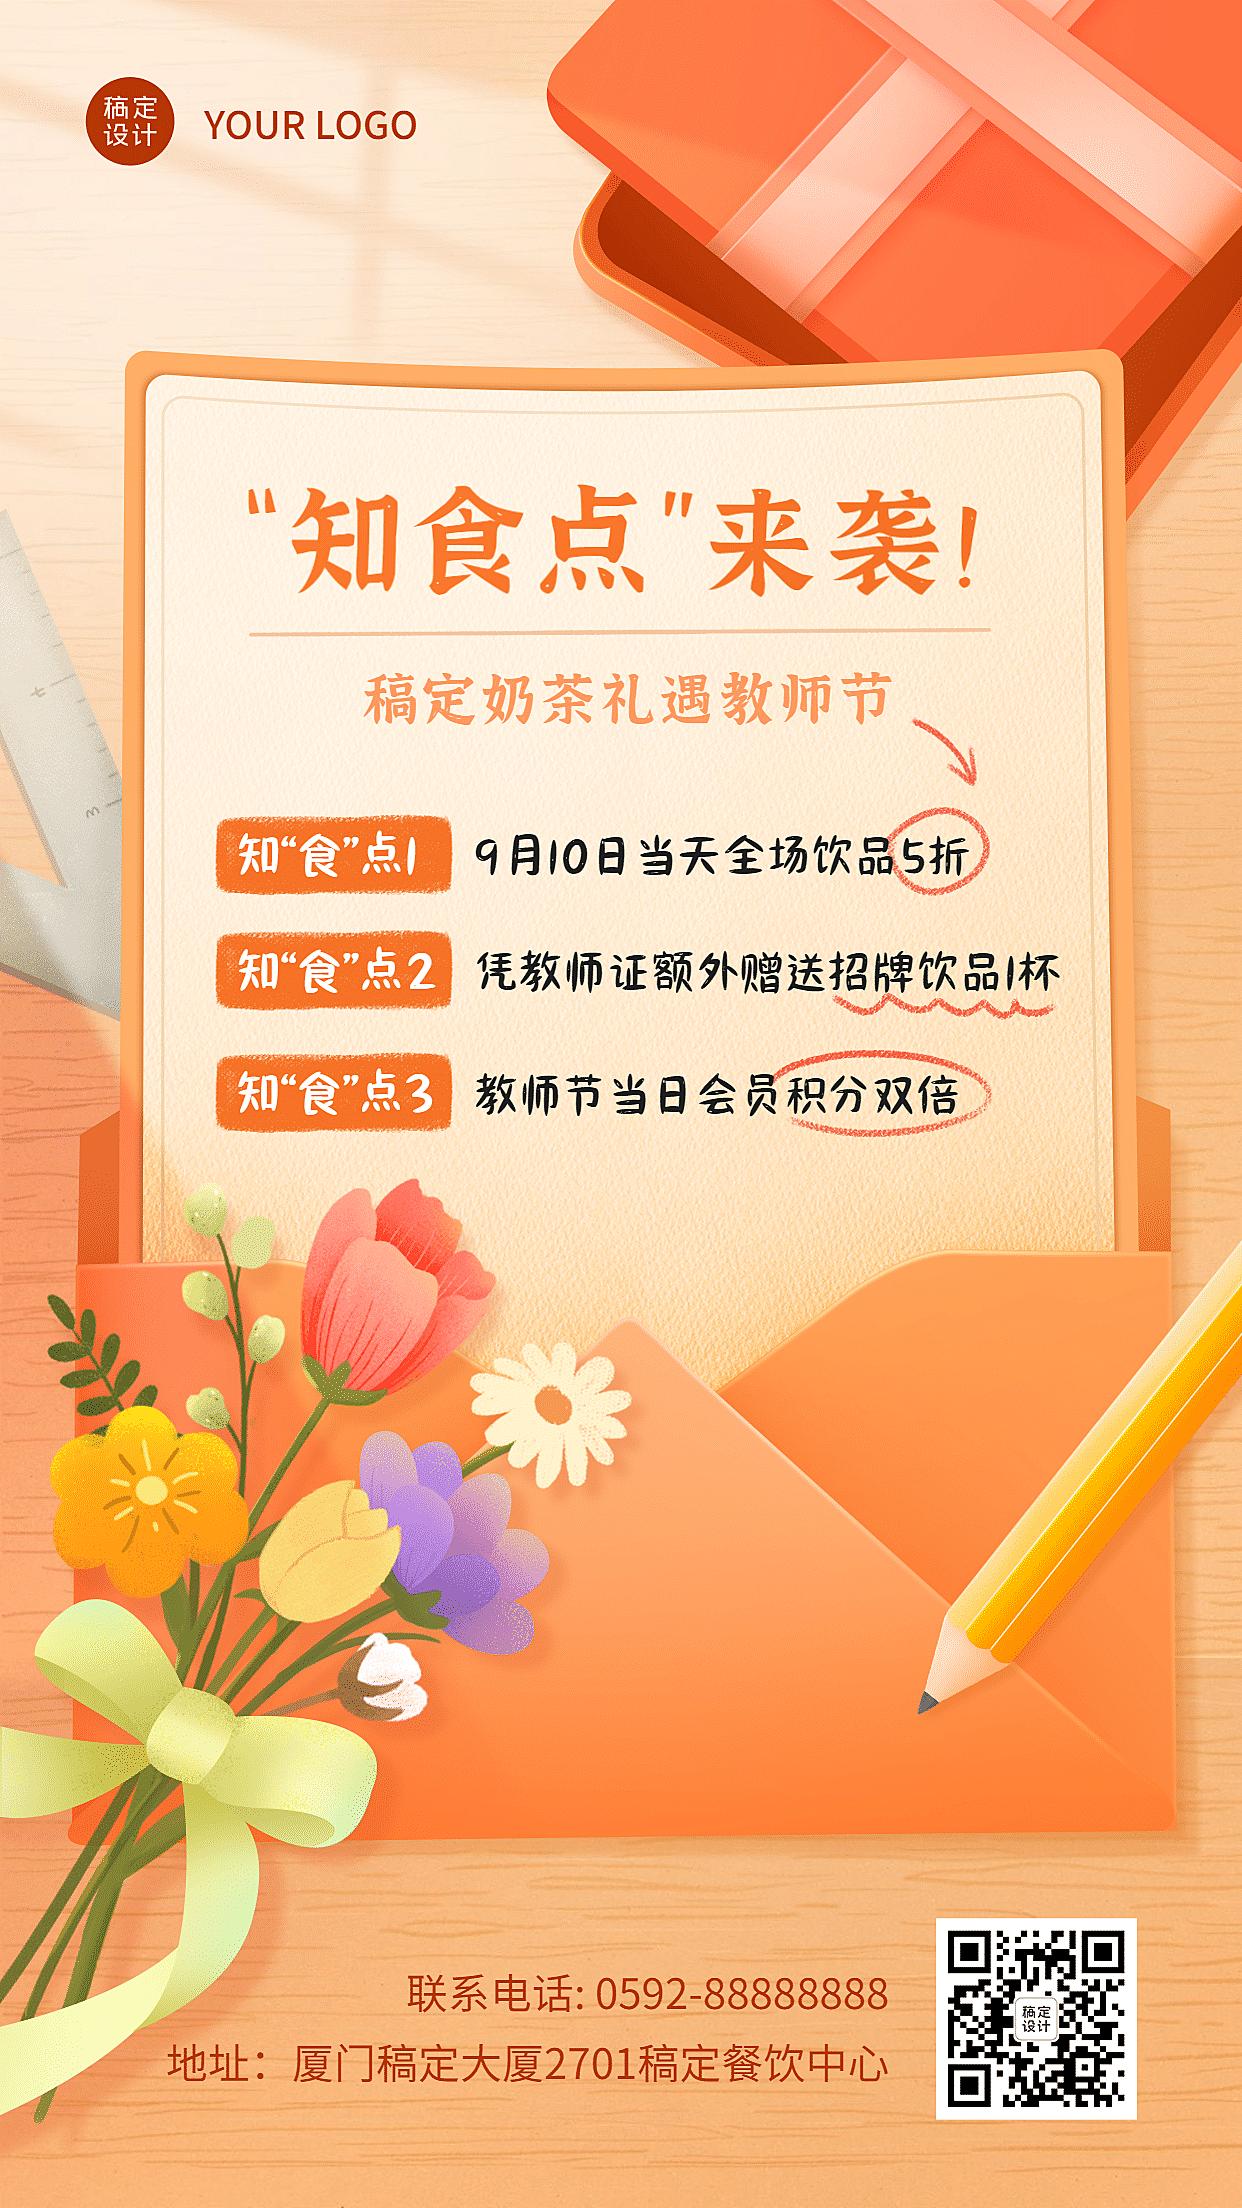 教师节活动营销促销餐饮手机海报